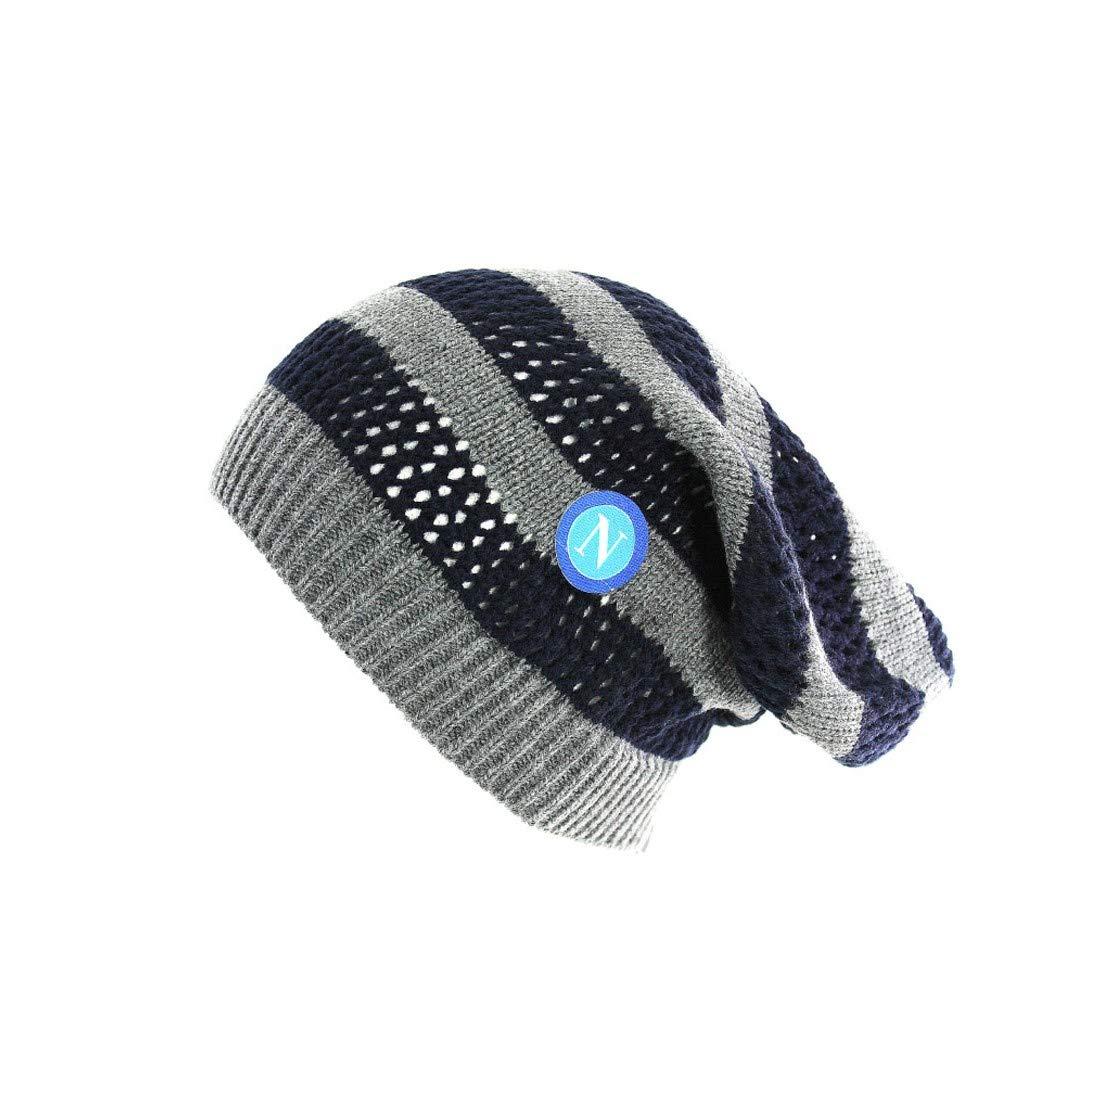 Cappello uomo NAPOLI - ENZO CASTELLANO rasta 100% acrilico grigio in box VL742